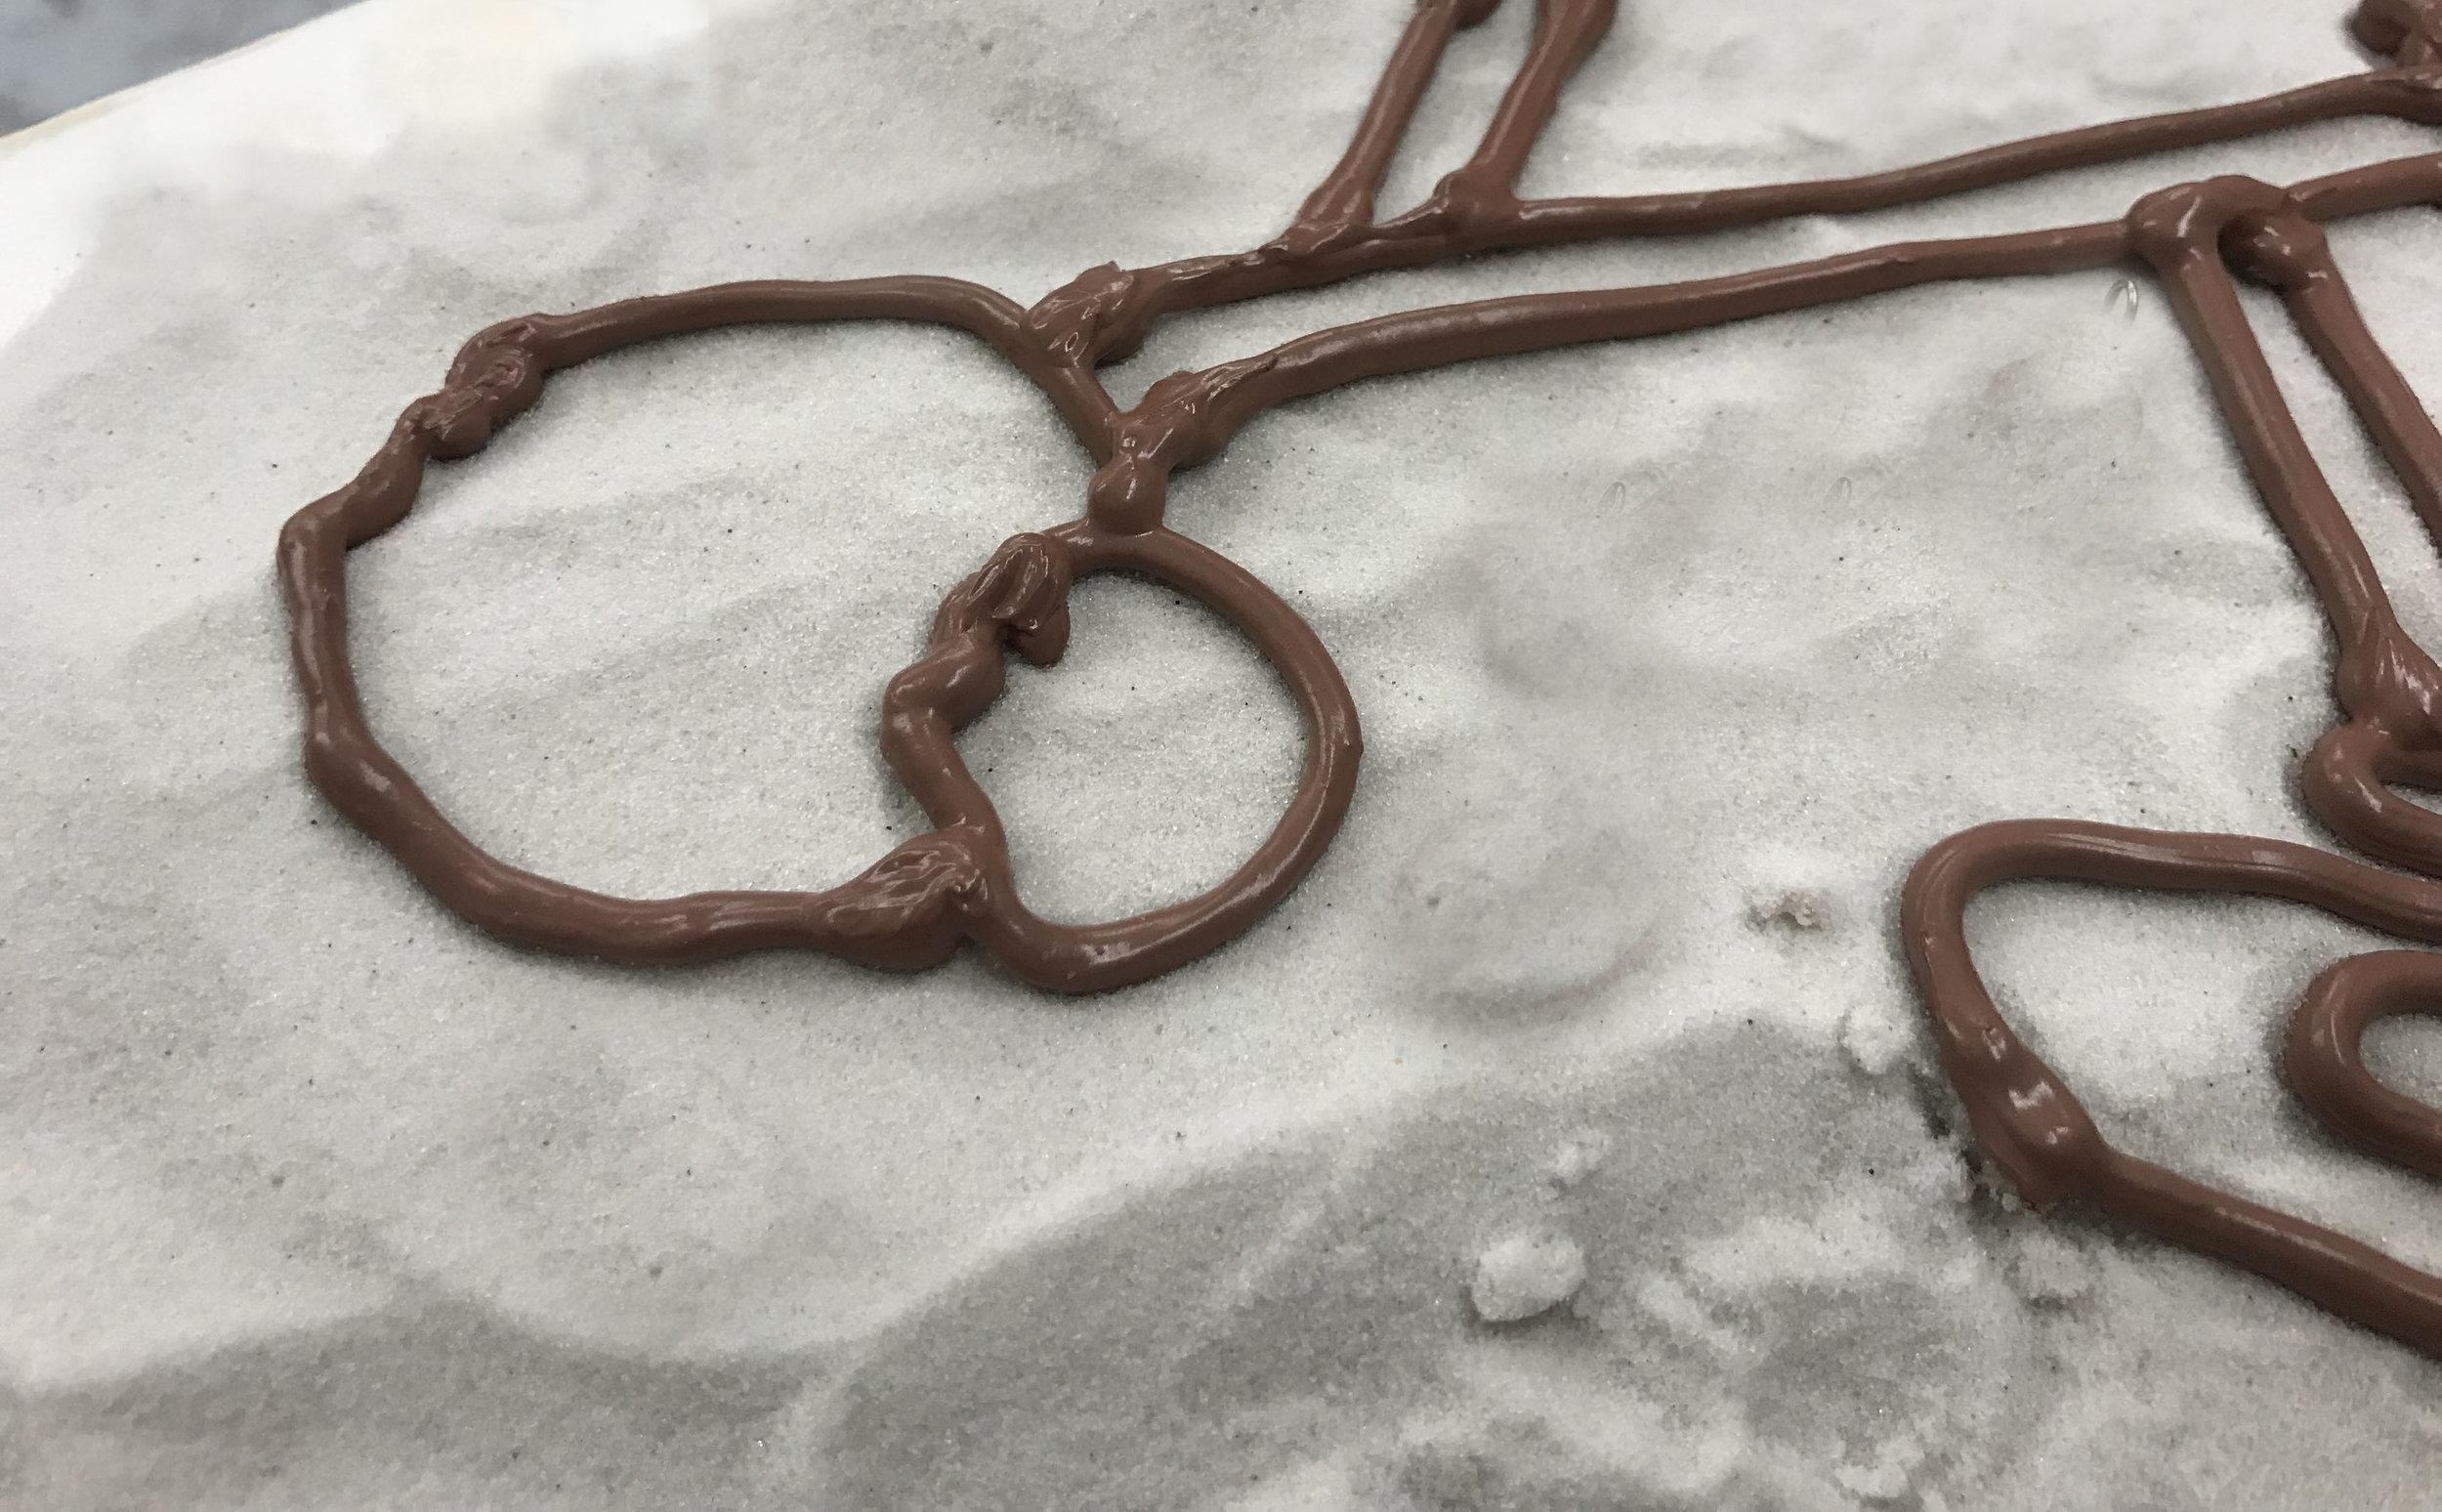 slip drawings in sand 3.jpg